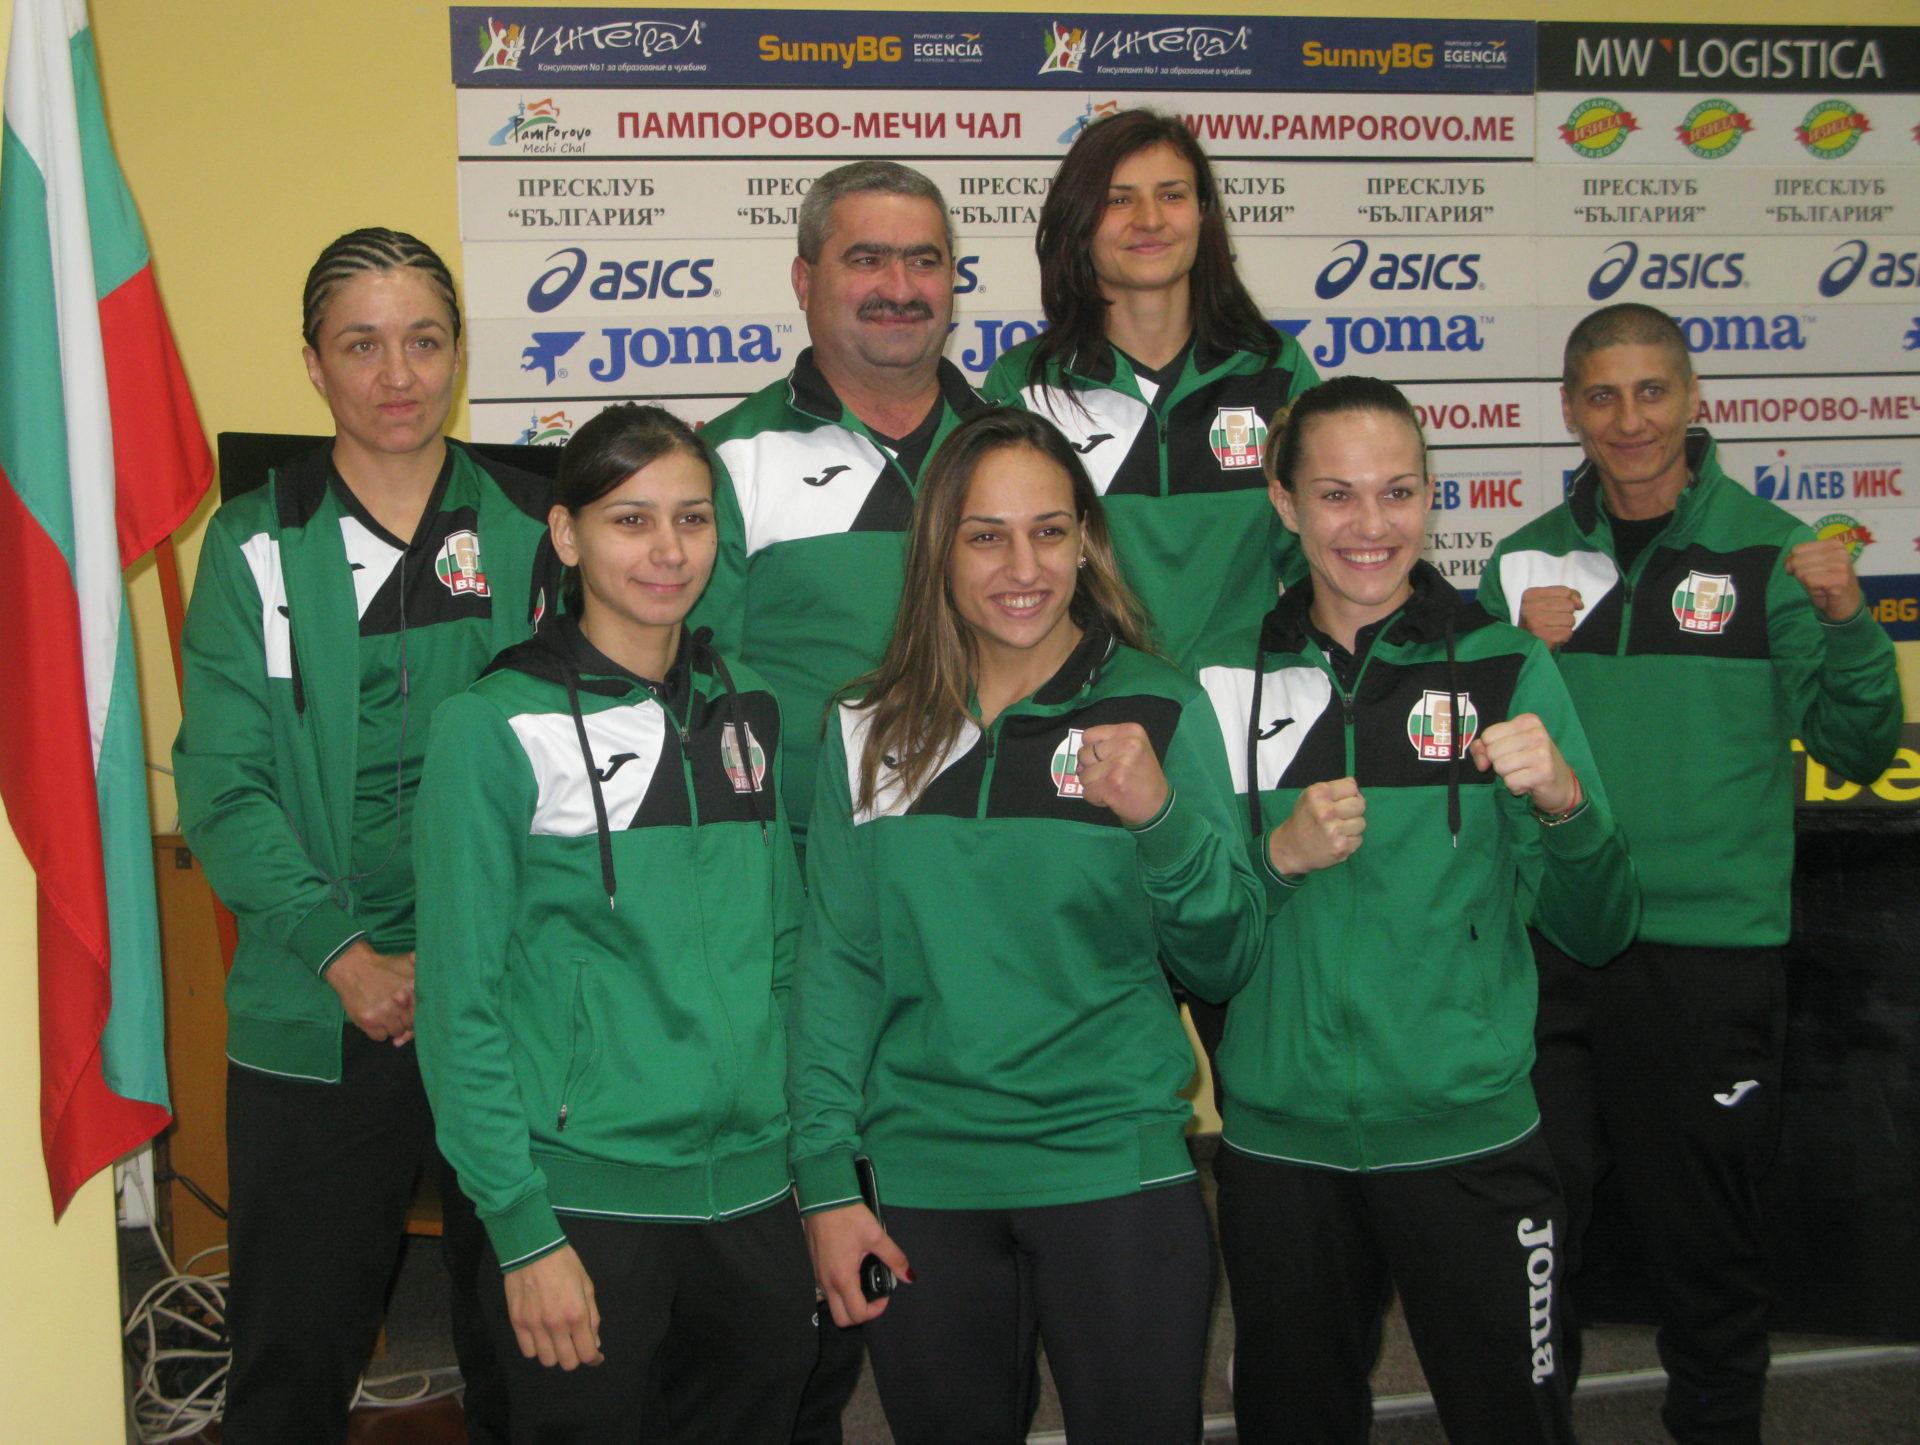 Шампионски дух преди Световното първенство за жени по бокс